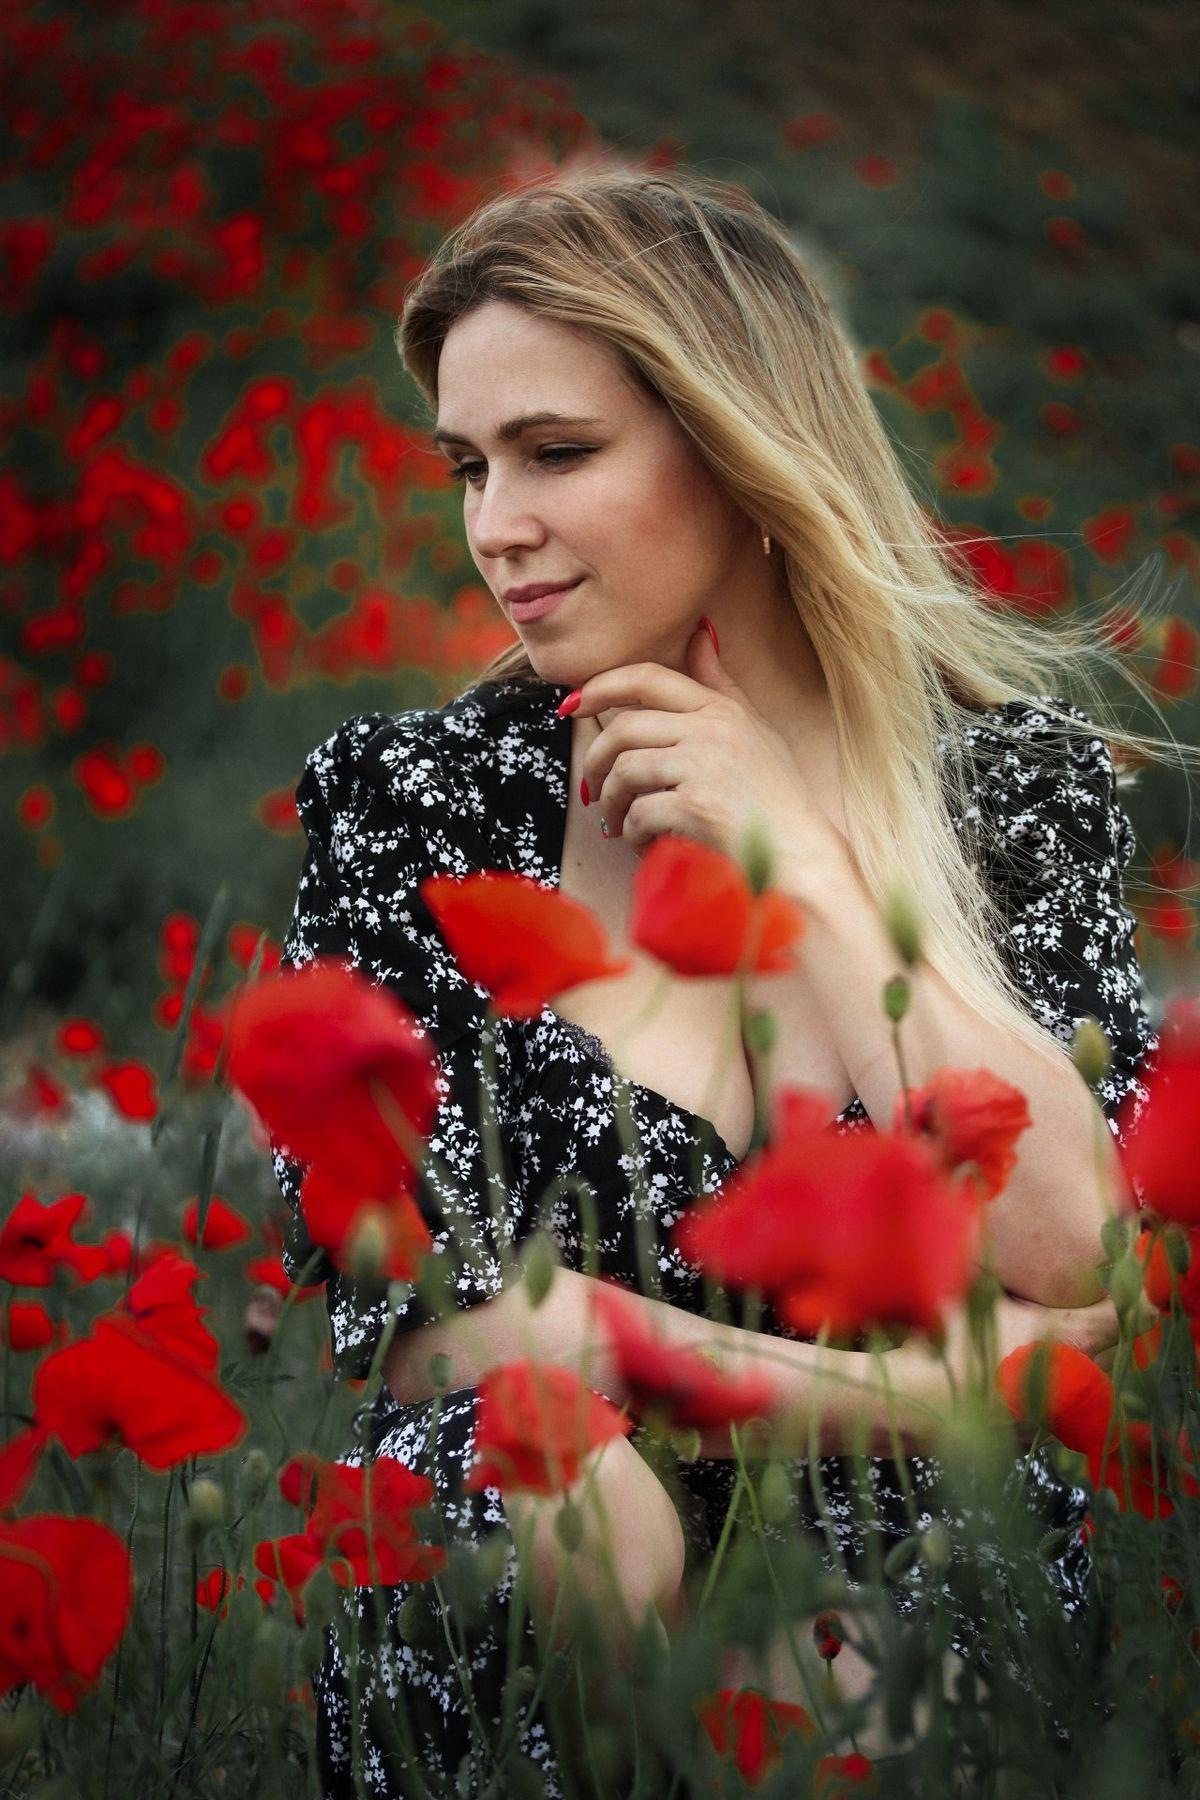 Девушка в маках Маки полевые цветы девушка в цветах маках женский портрет лето лесная поляна